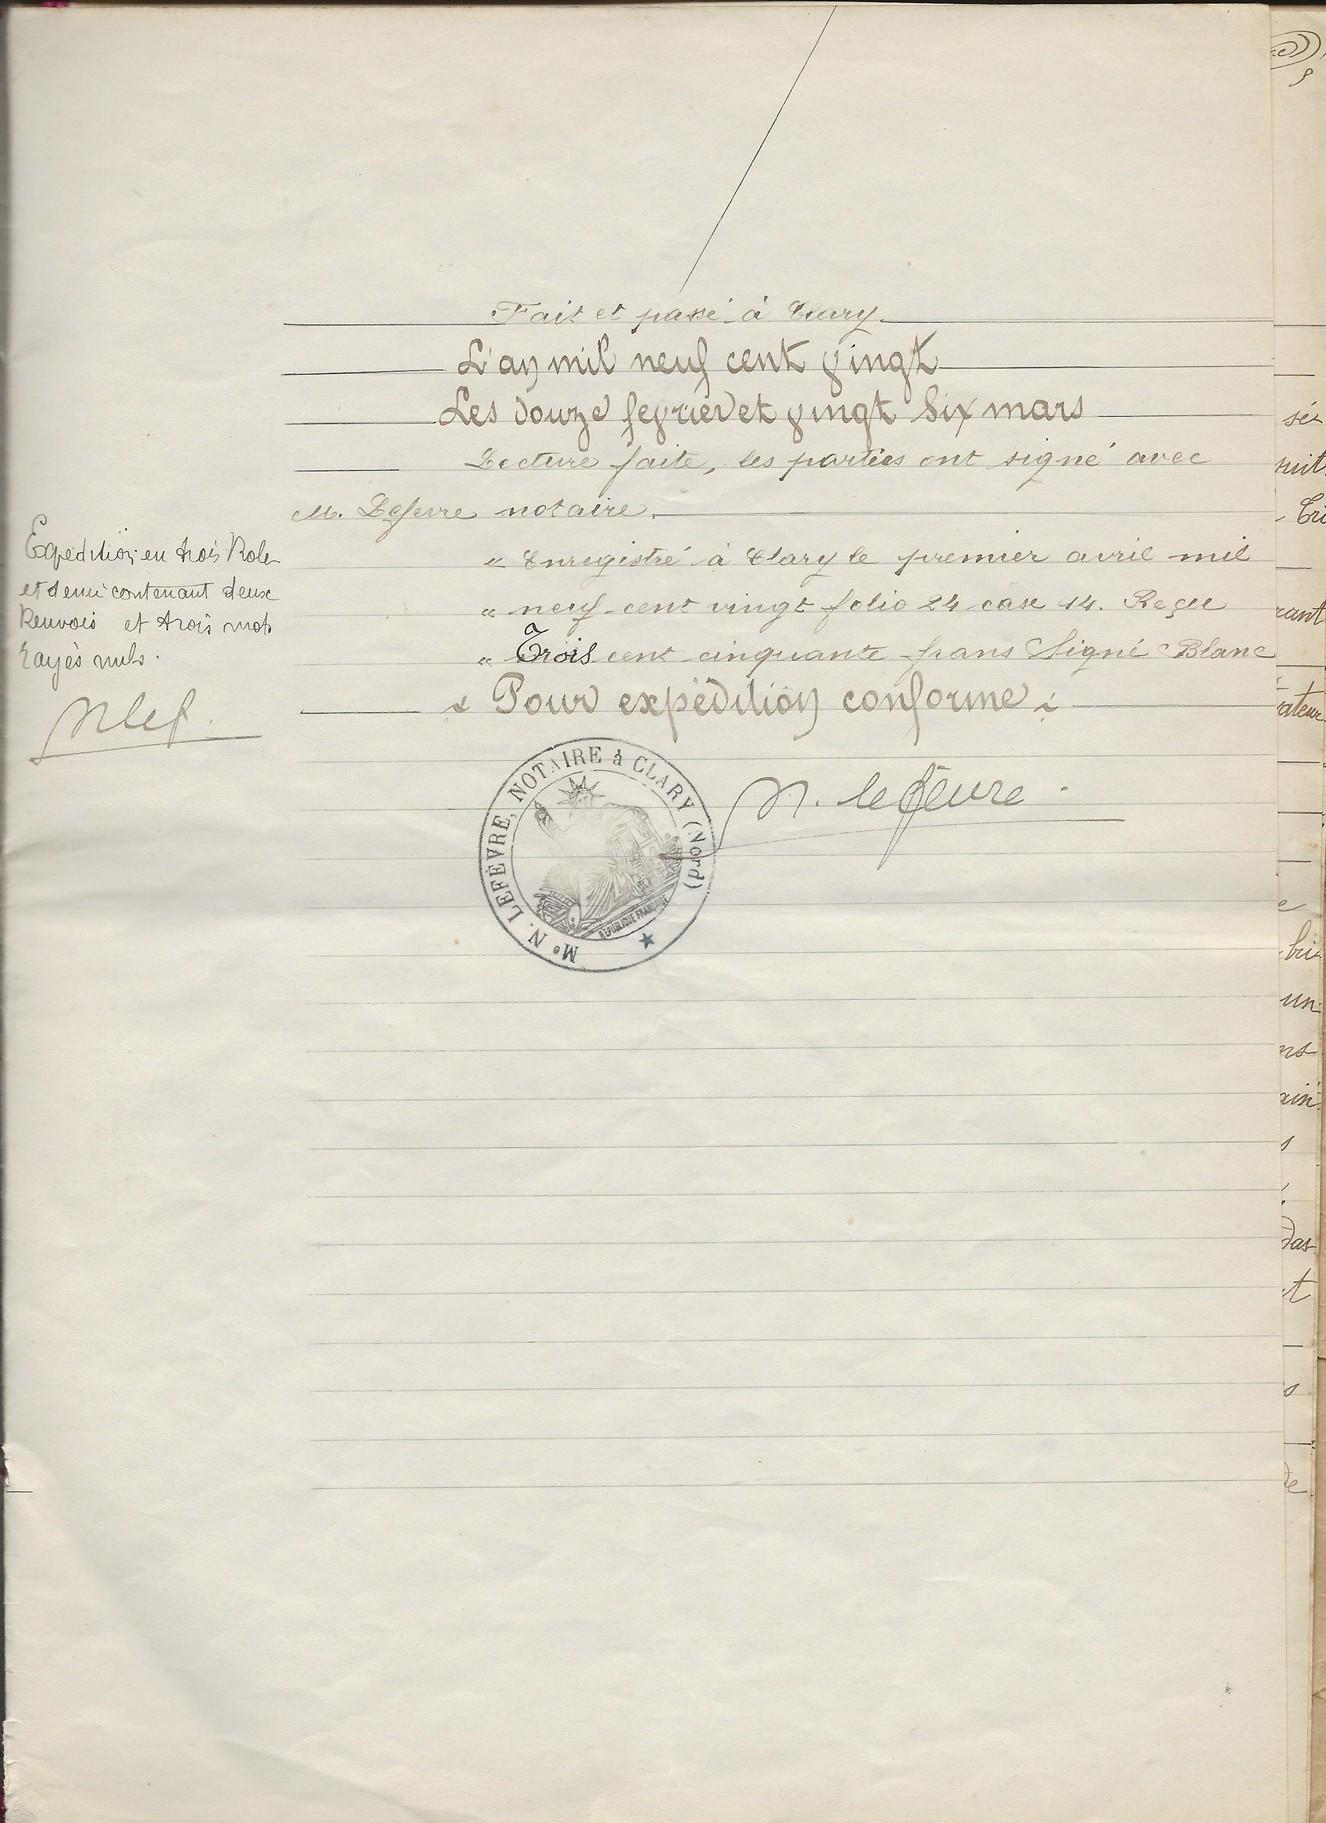 1920 vente fruit pruvot a lenglet hiboux 007